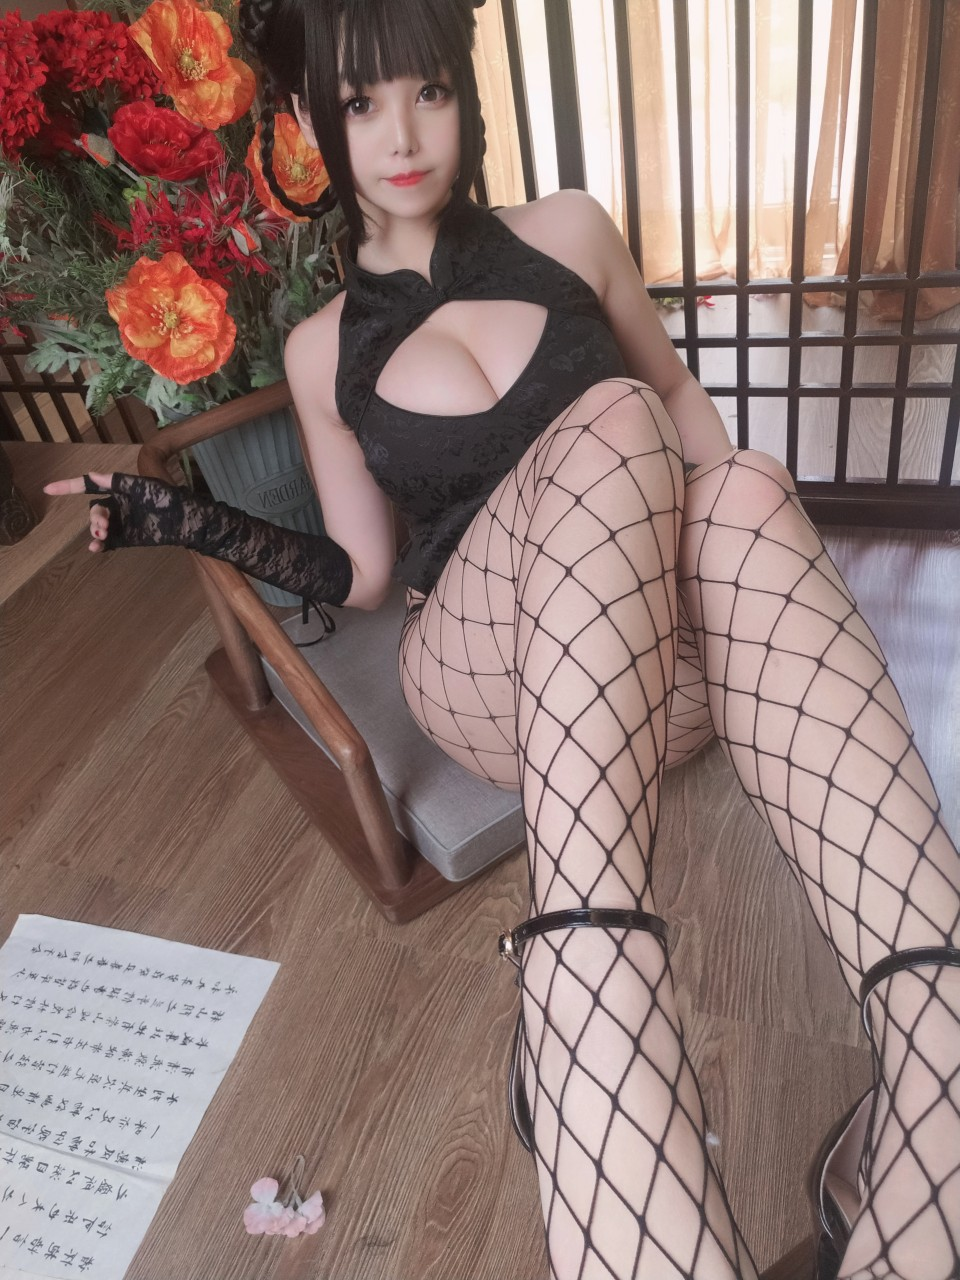 蜜汁猫裘-皮衣舞娘COS主题在线[42P]-觅爱图